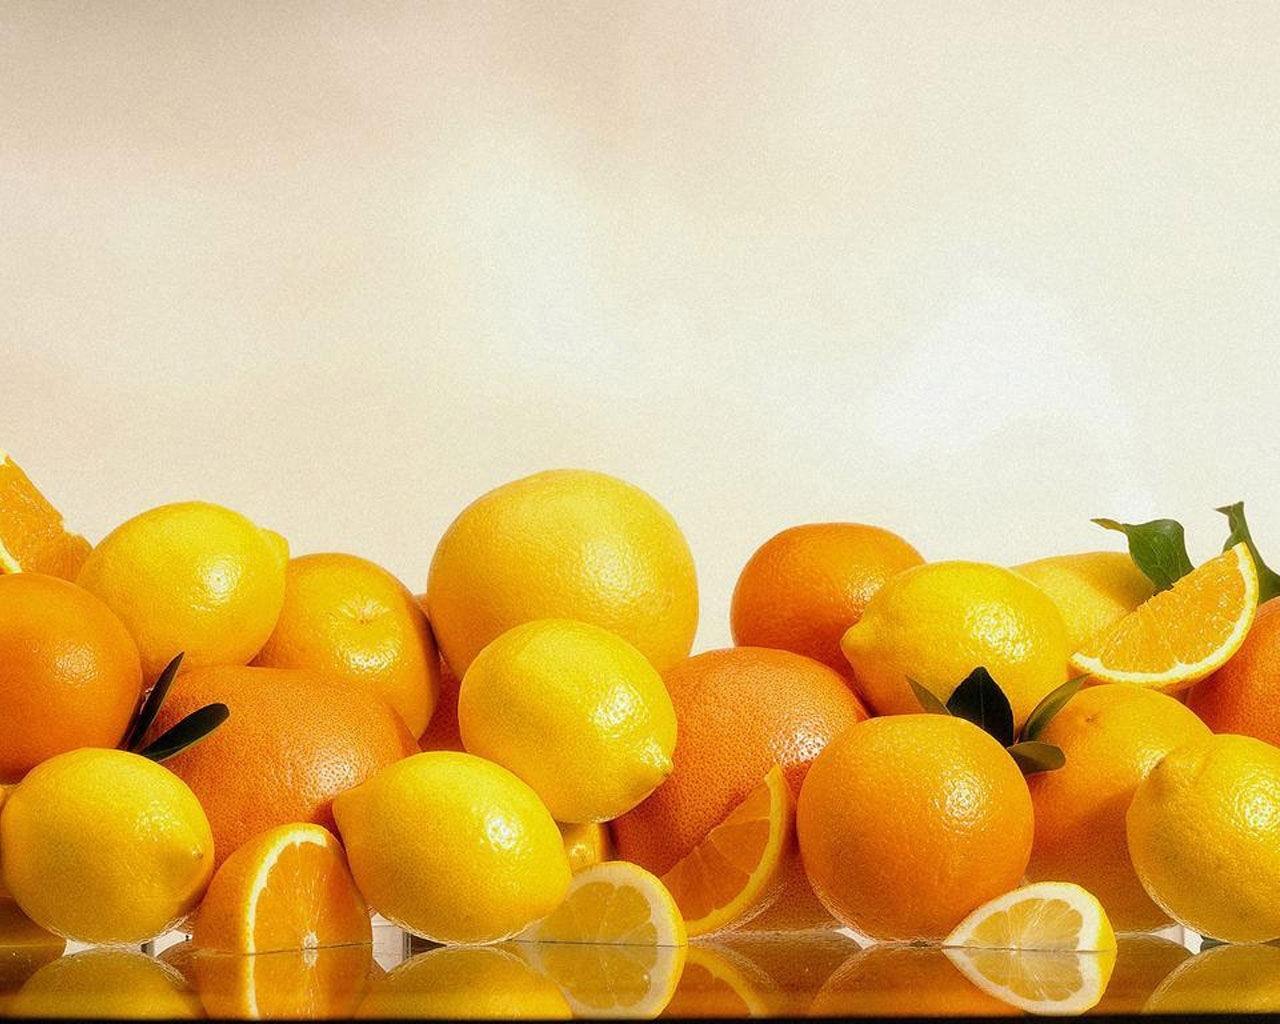 189 скачать обои Фрукты, Еда, Лимоны, Апельсины - заставки и картинки бесплатно